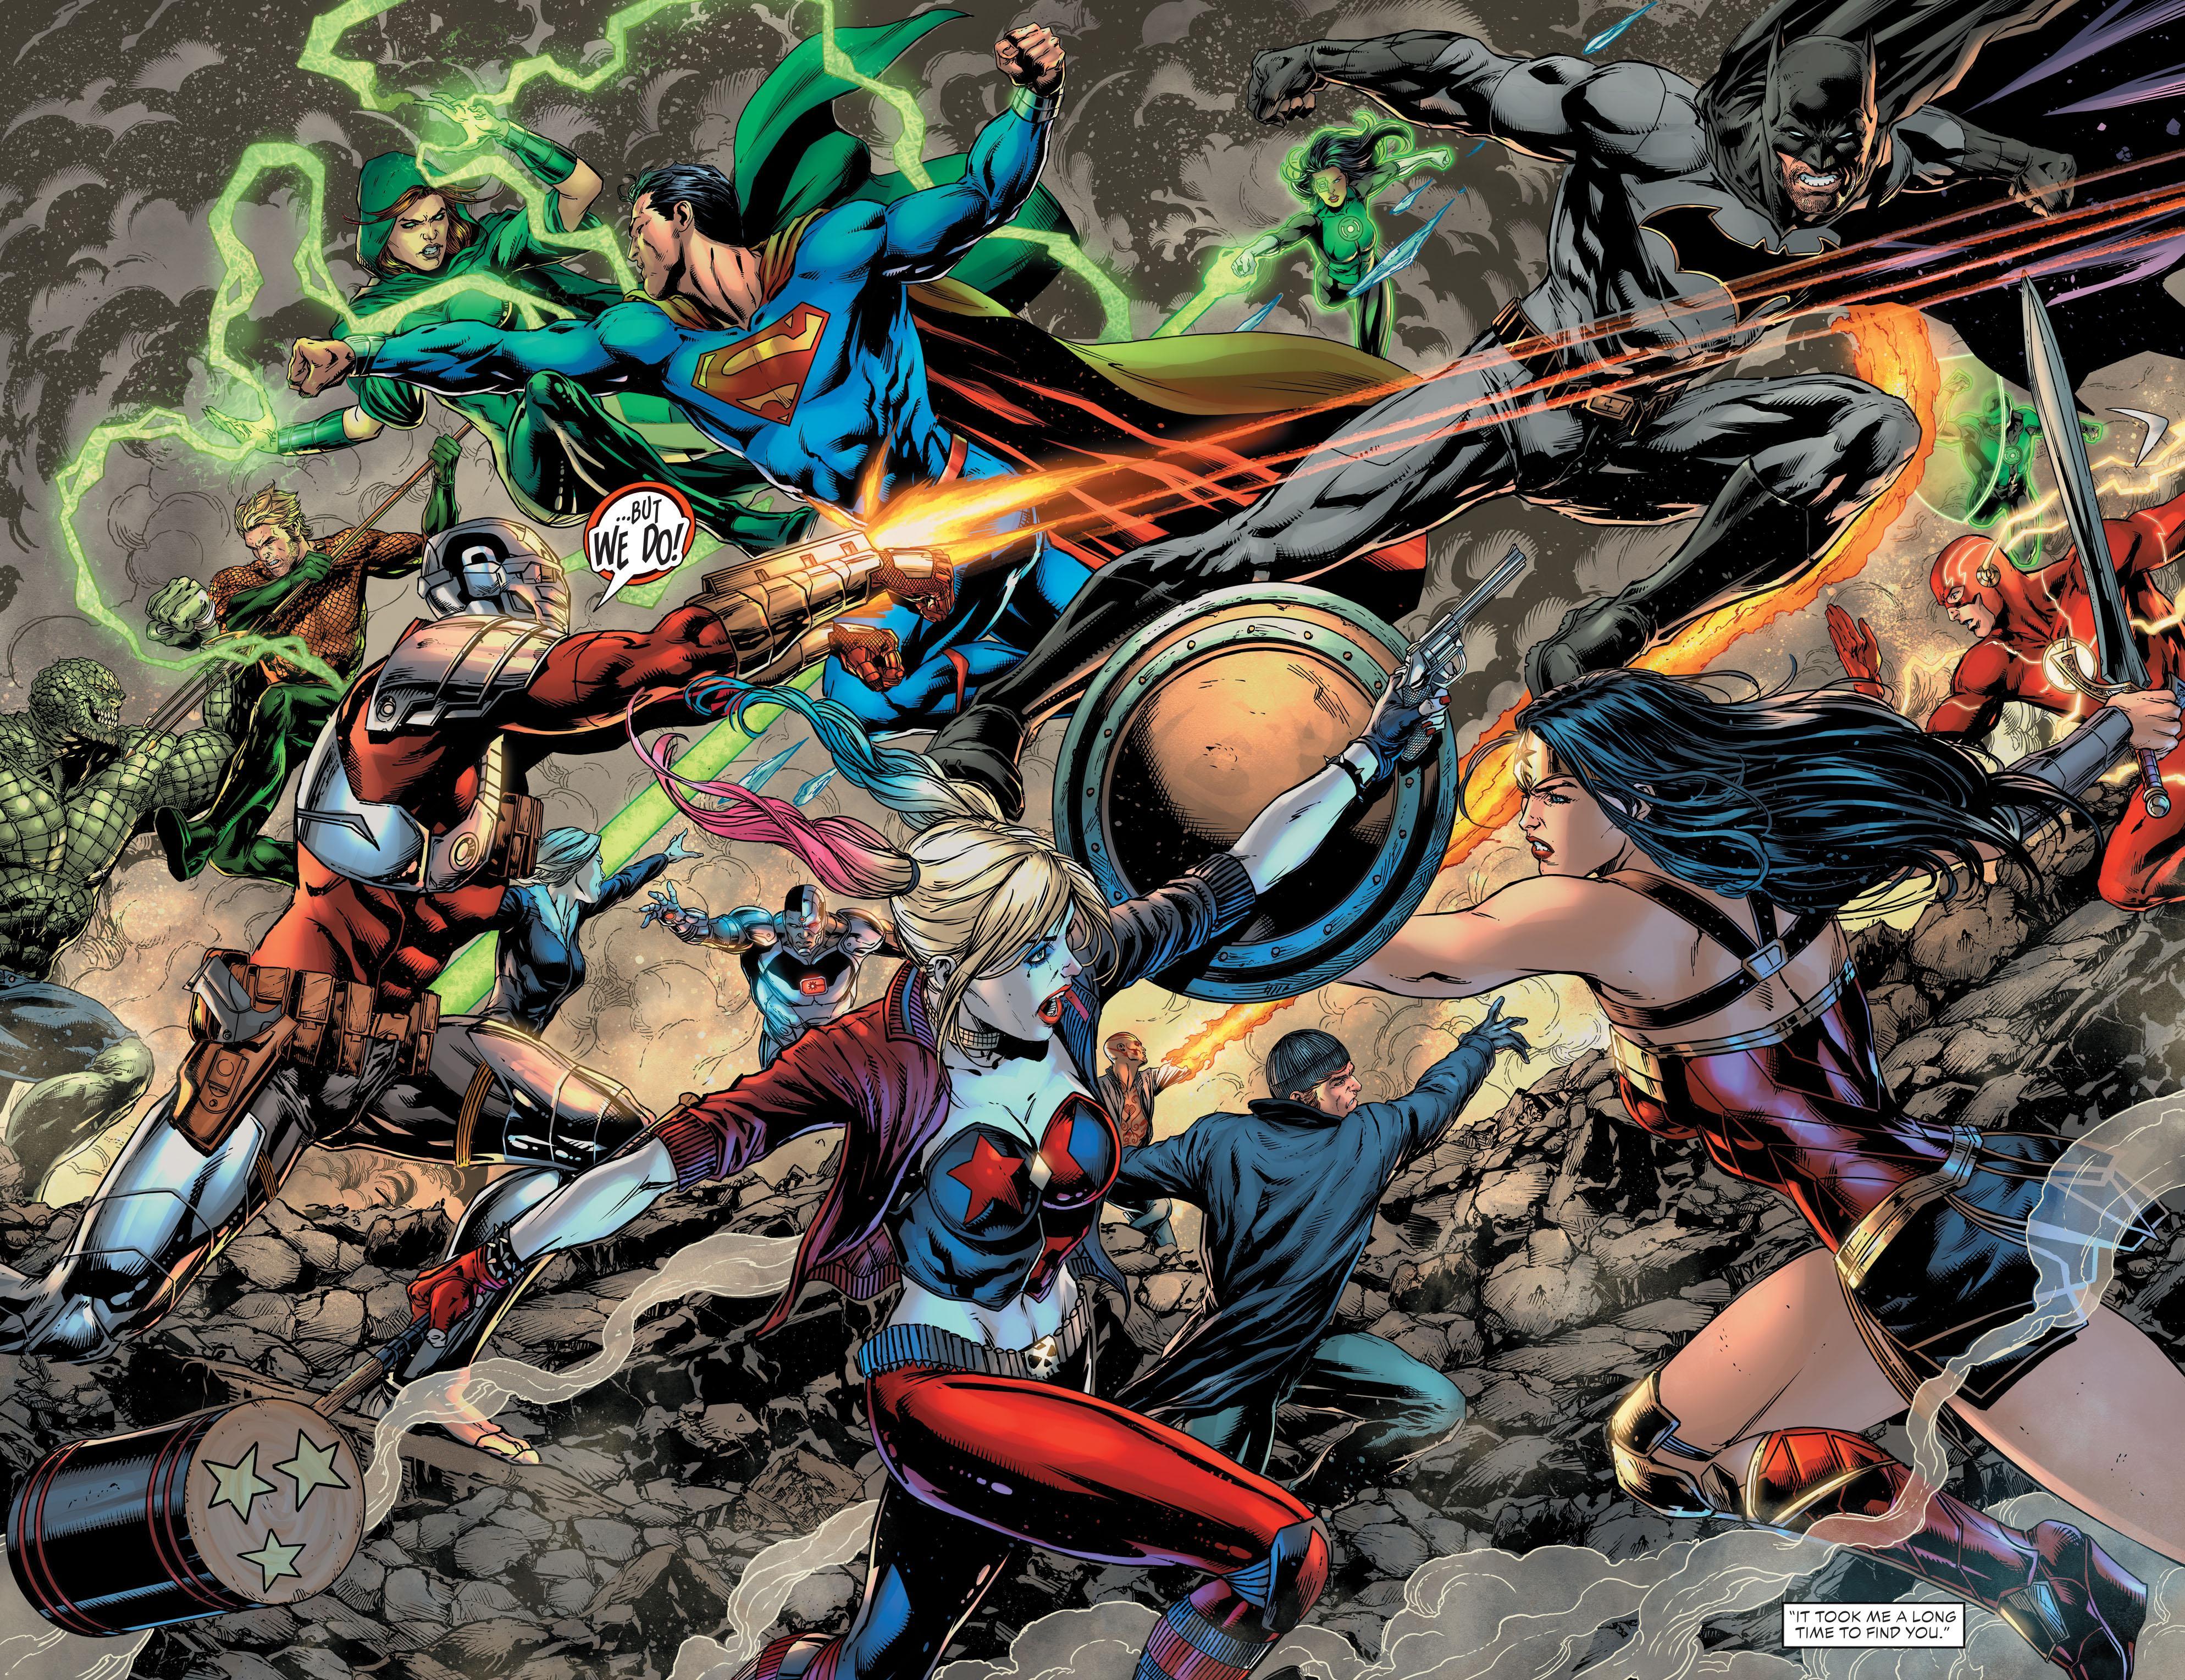 Justice League vs. Suicide Squad review